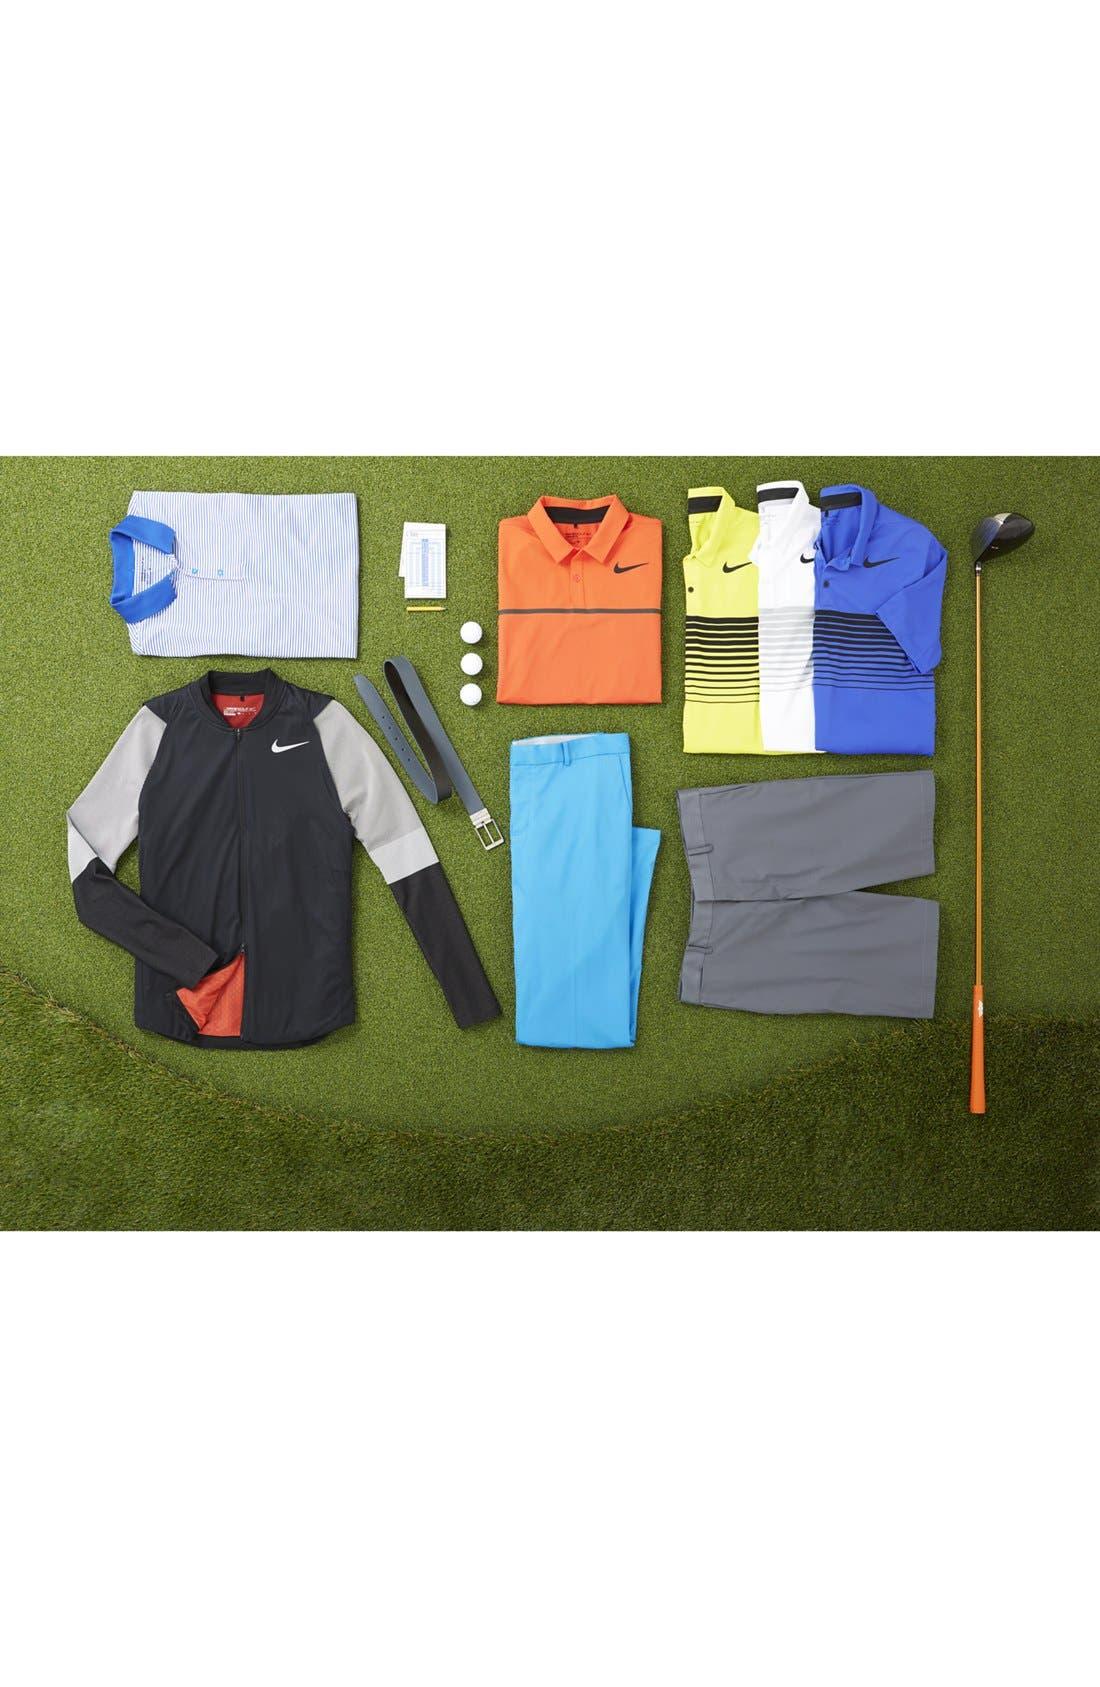 Flat Front Dri-FIT Tech Golf Pants,                         Main,                         color,